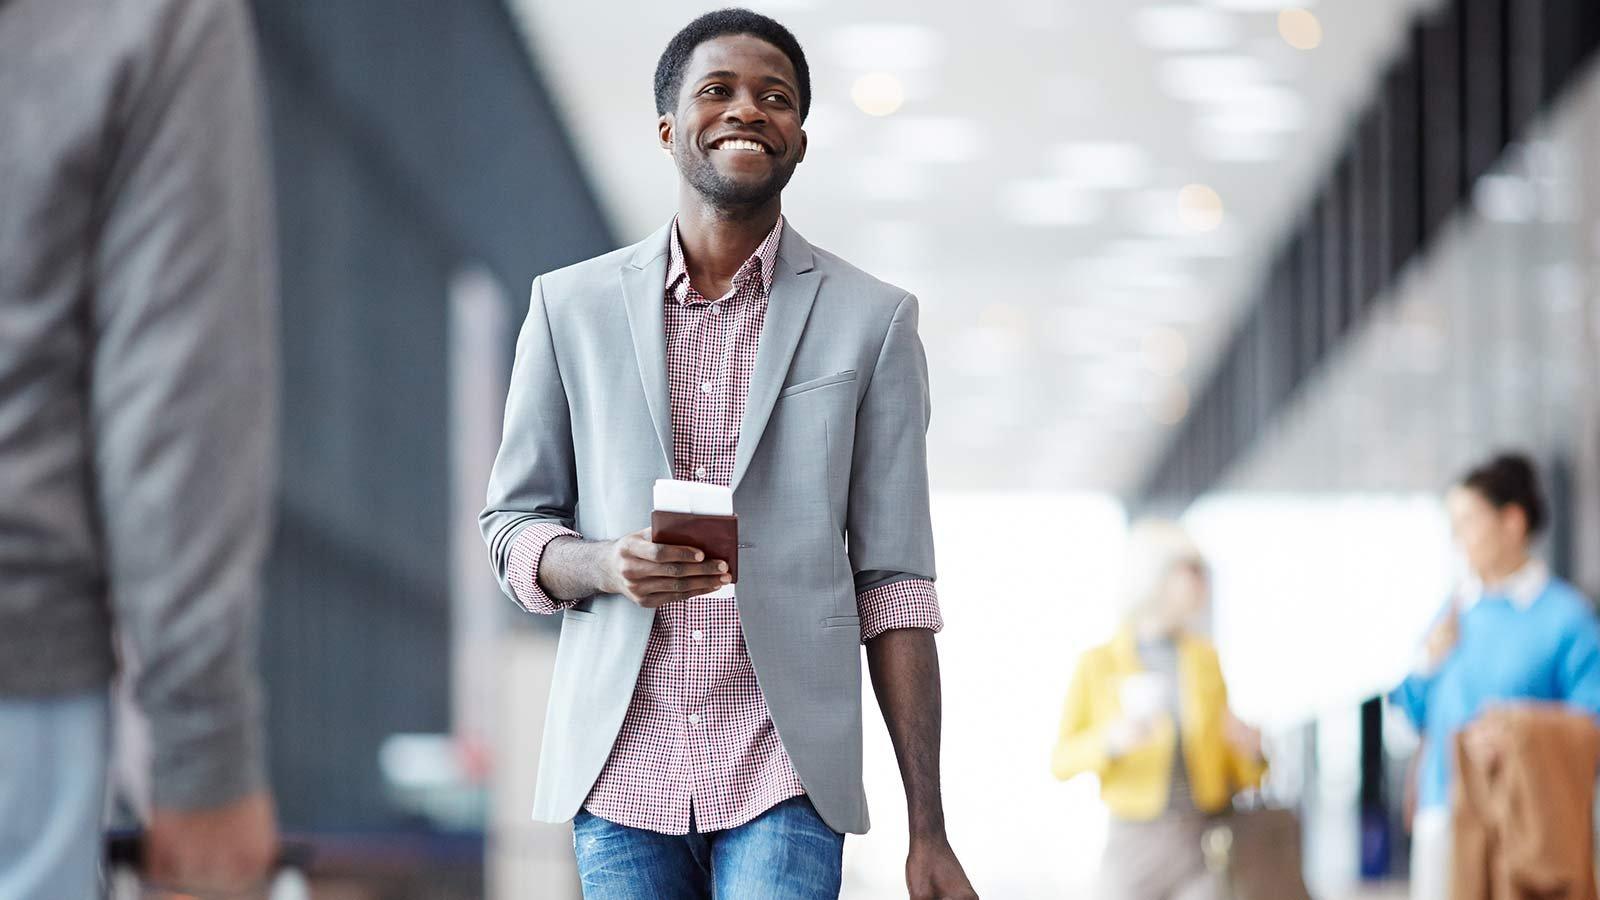 Man walking through airport holding passport